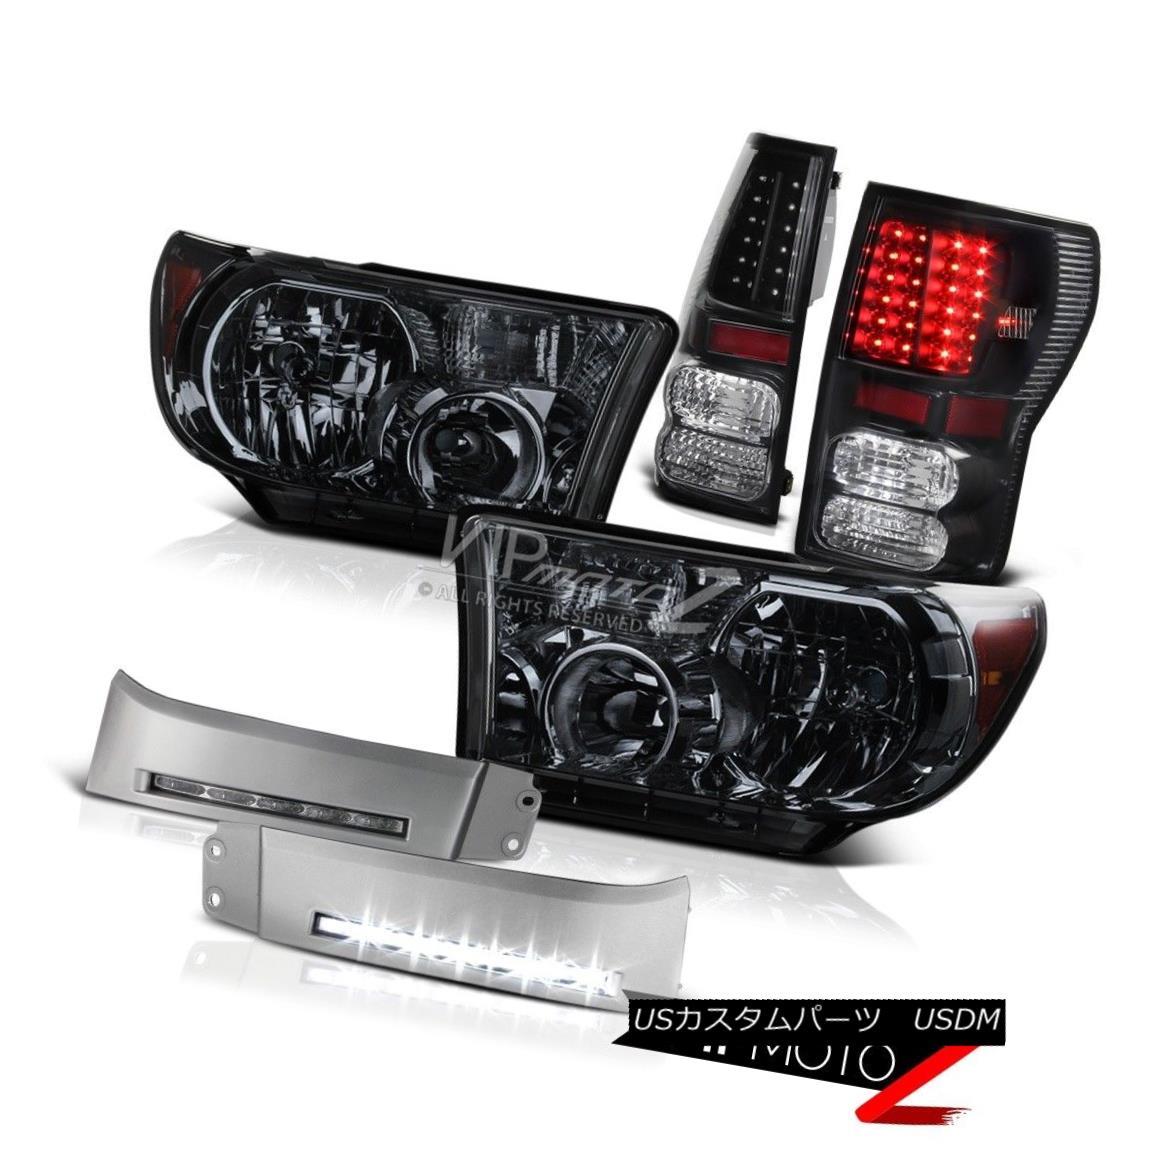 ヘッドライト 2007 2008 2009 2010 2011 2012 2013 Tundra TRD Style LED Fog Light Headlight Tail 2007年2008年2009年2010年2011年2012年2013年トンドラTRDスタイルLEDフォグライトヘッドライトテール